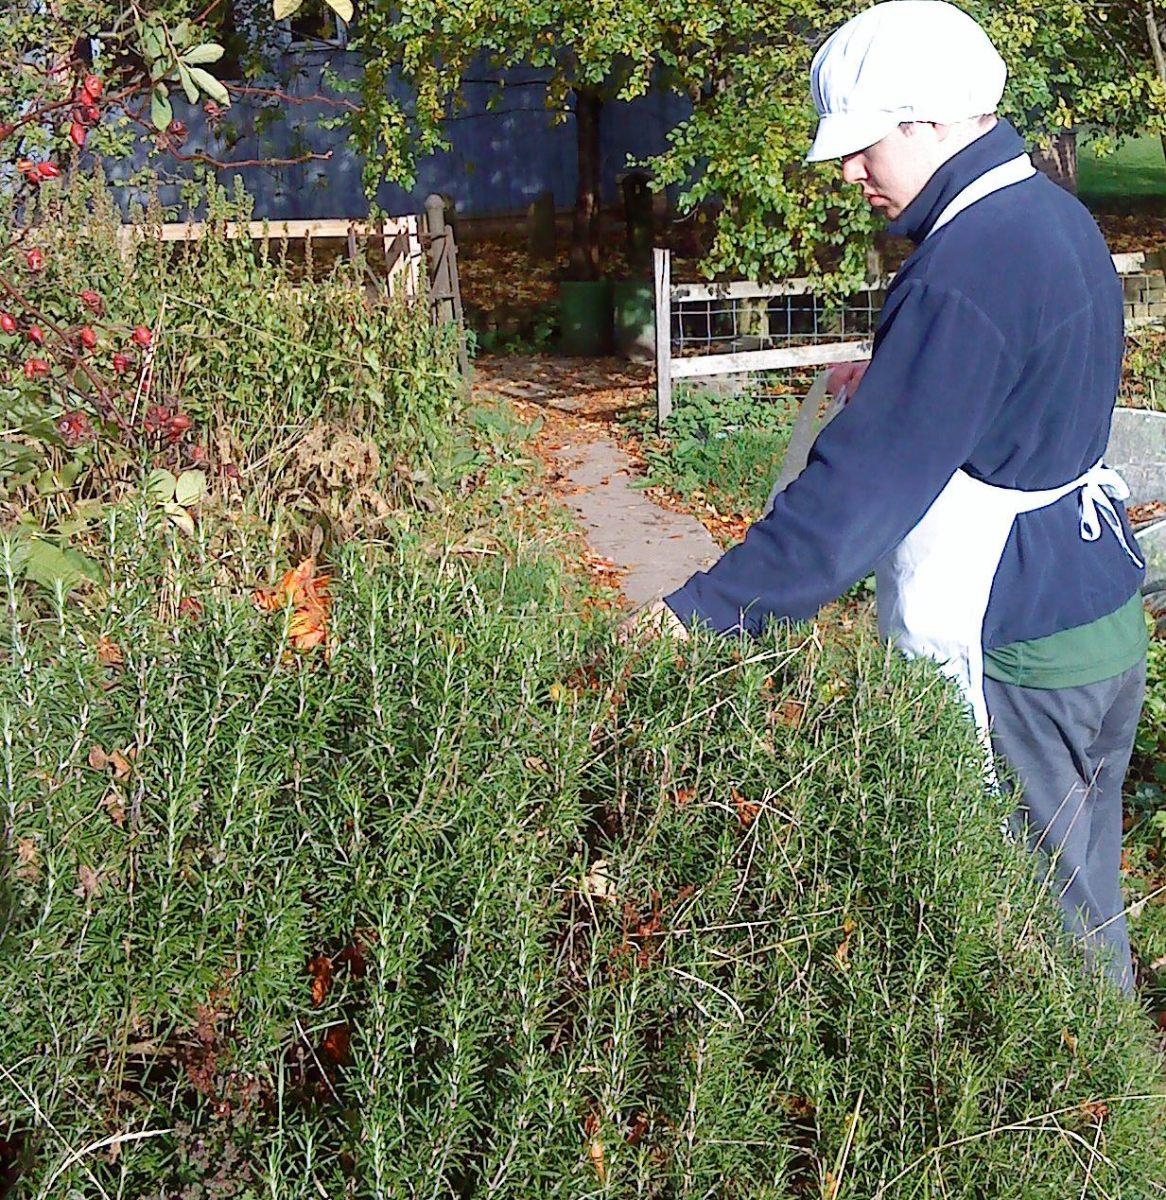 Picking fresh rosemary leaves.